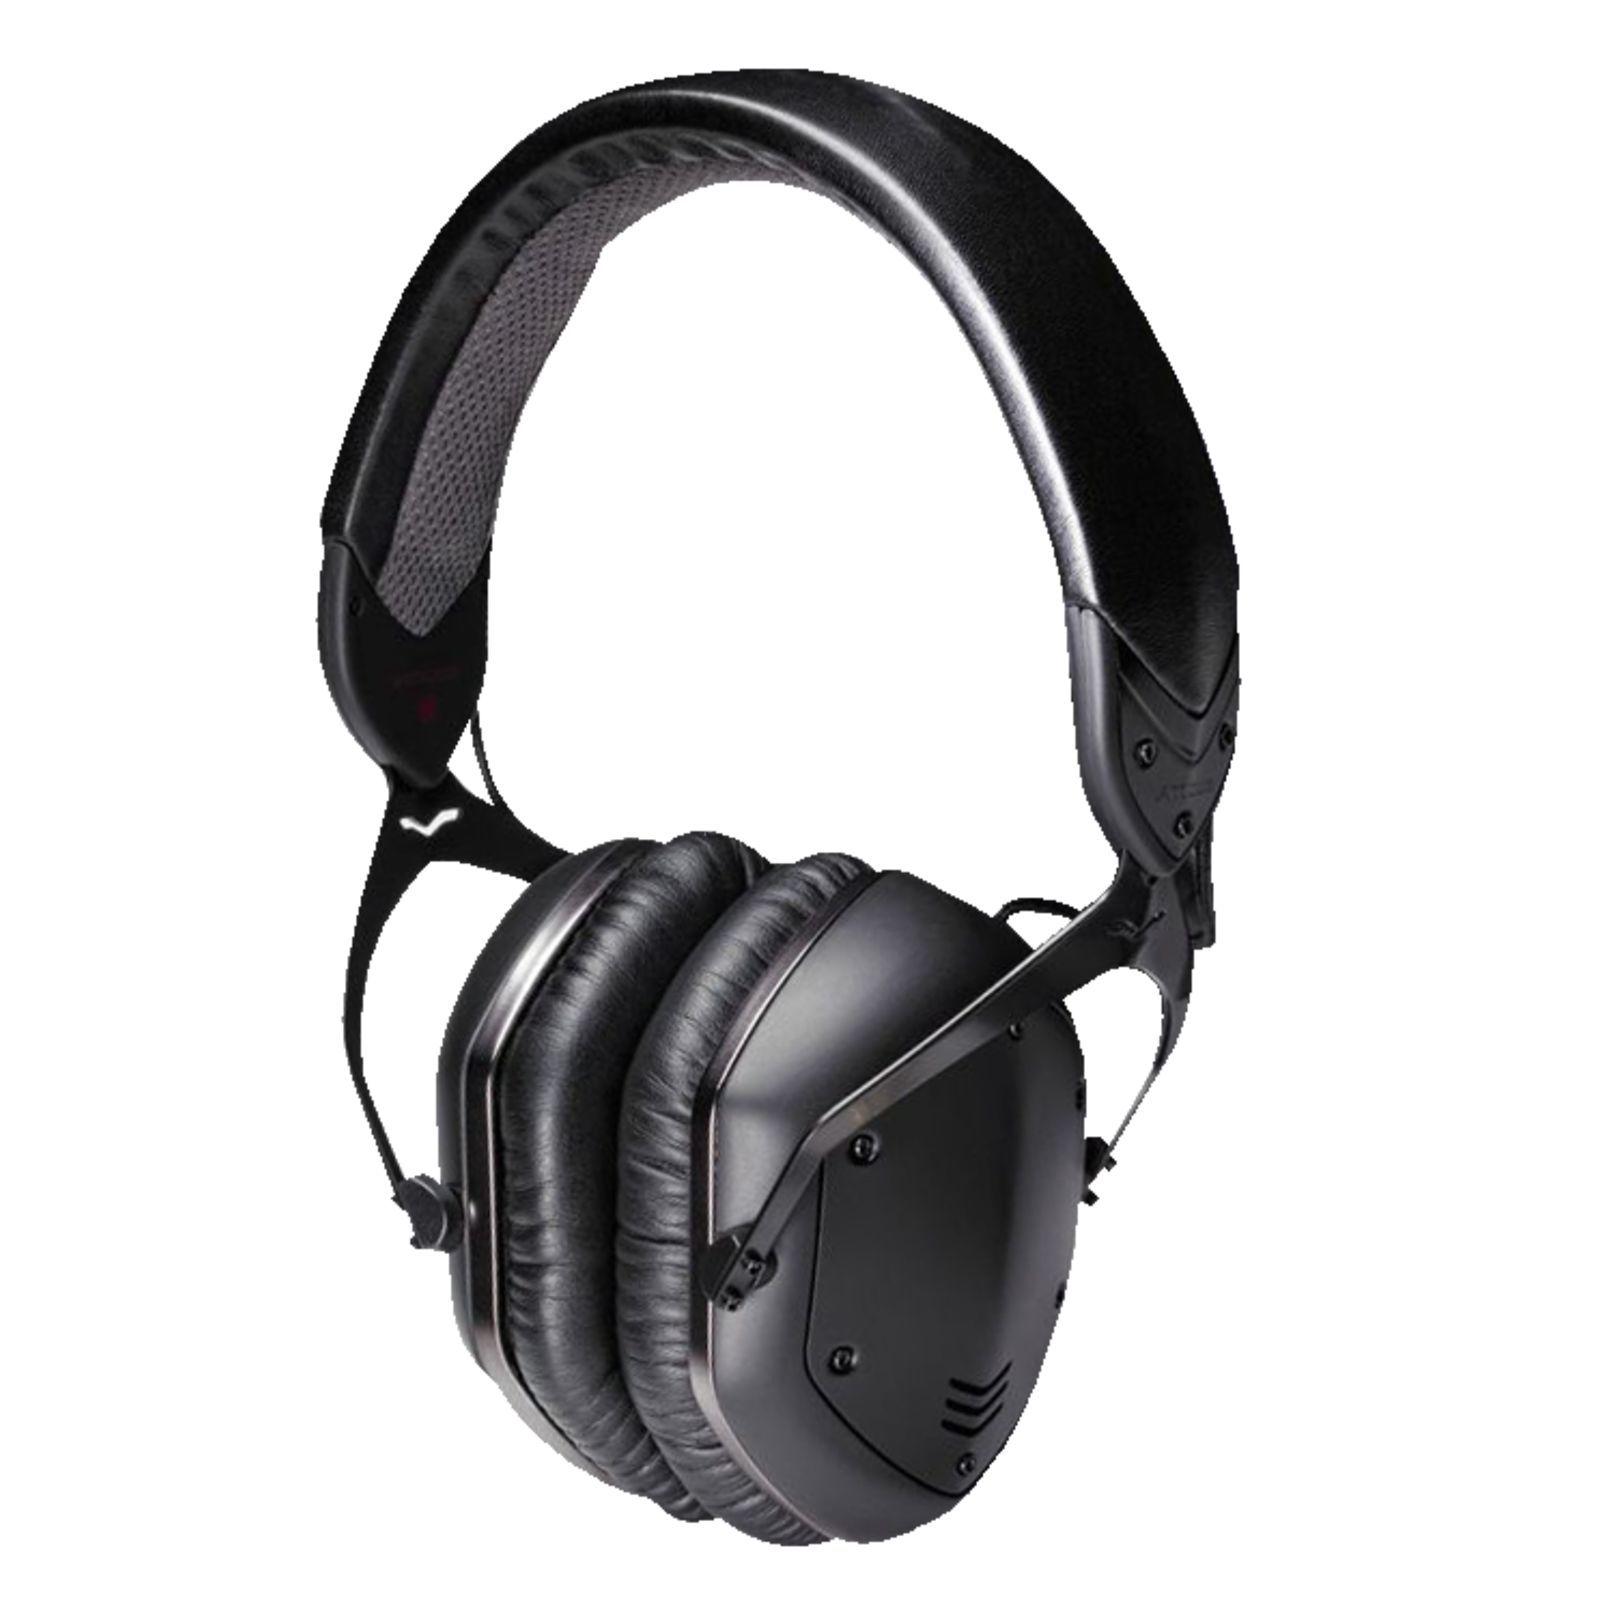 vmoda crossfade lp auriculares vocal matte black imagen del producto